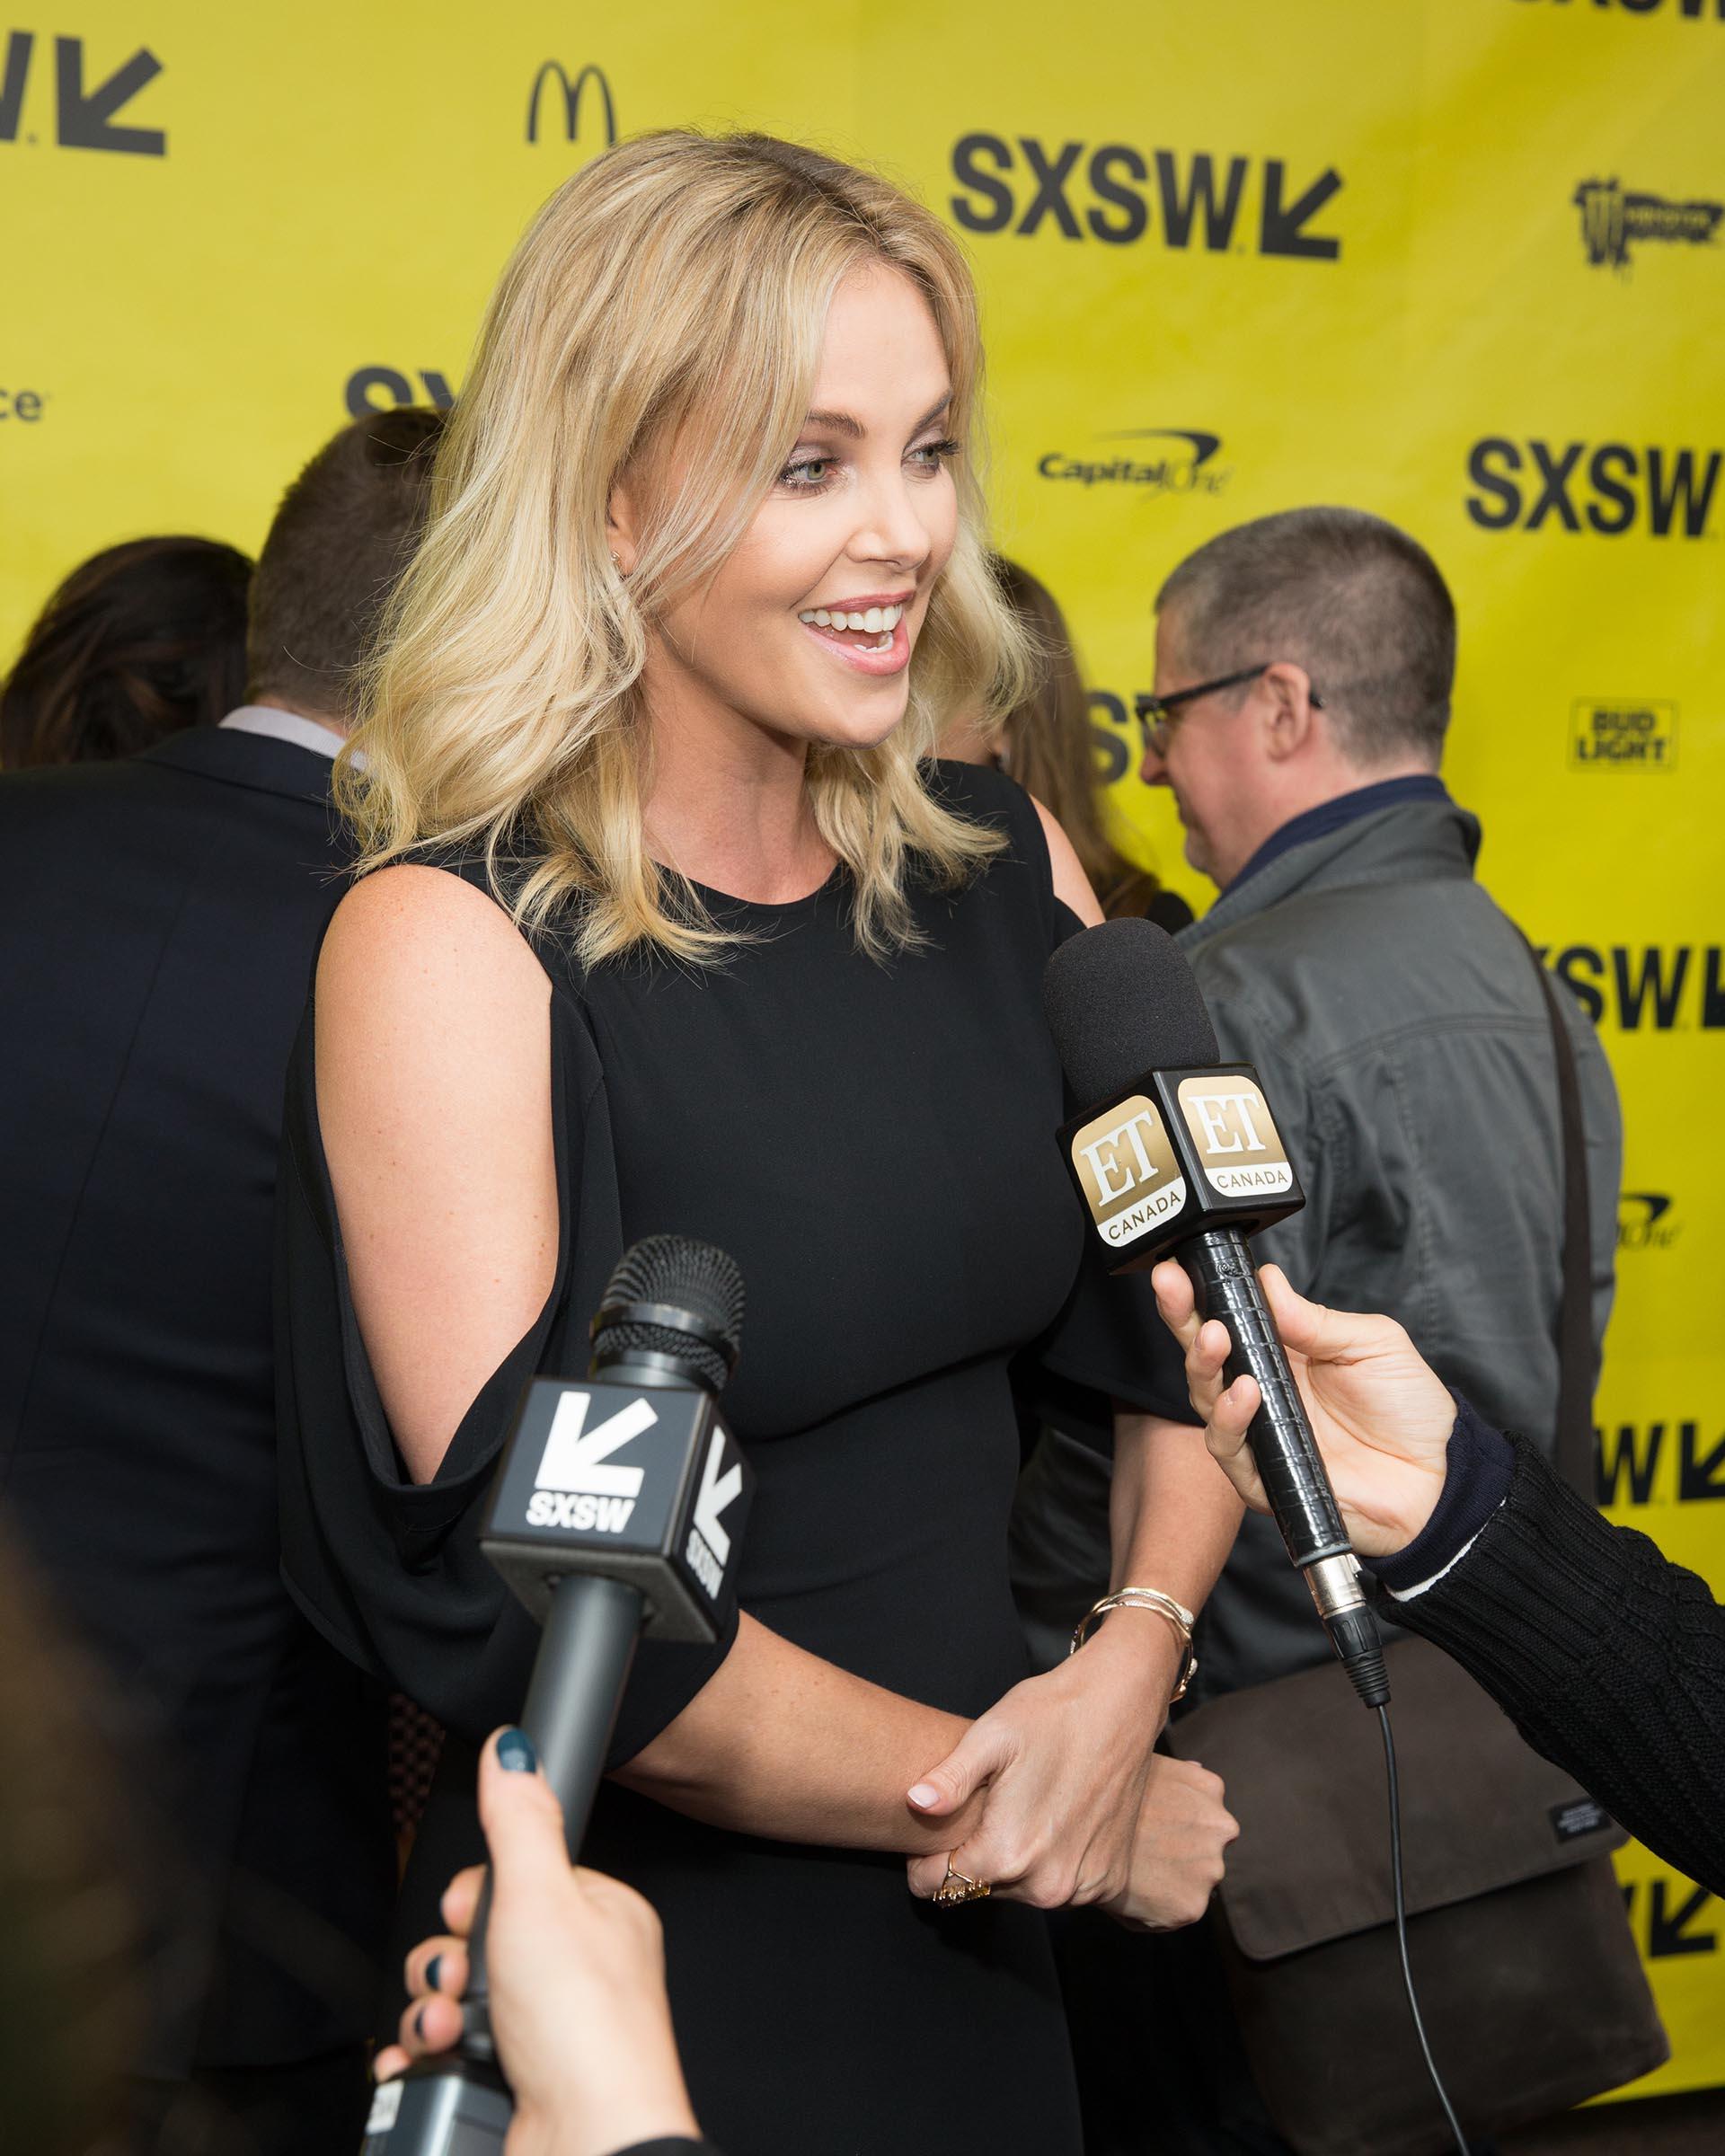 Charlize Theron durante la conferencia de prensa que se llevó a cabo en Austin, Texas. Nacida en Benoni, Sudáfrica, en 2007 obtuvo también la ciudadanía estadounidense